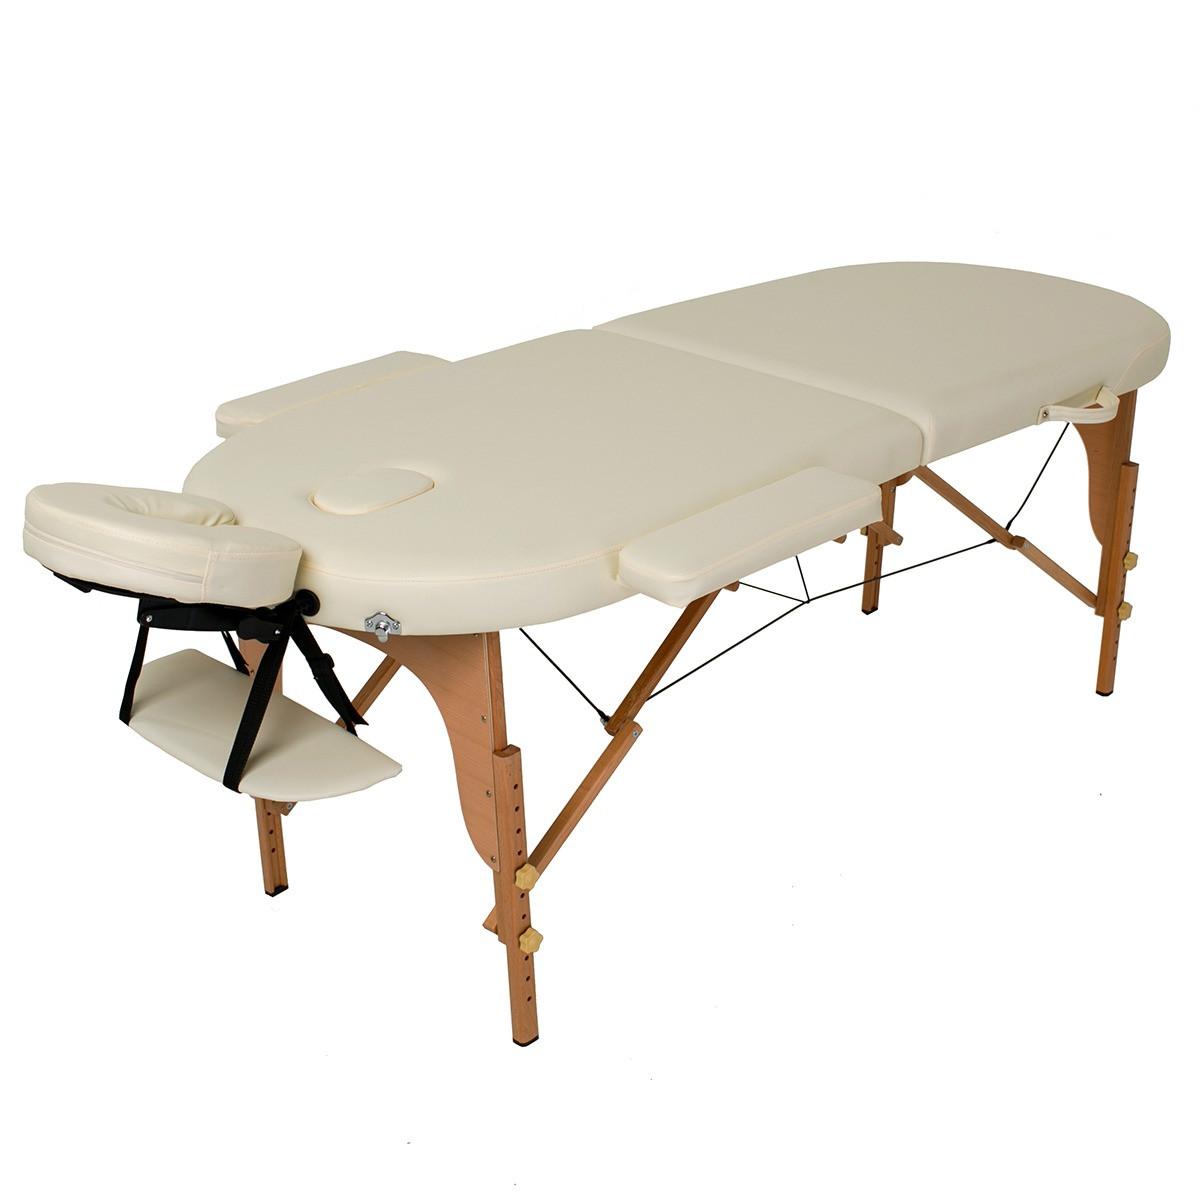 Массажный стол деревянный 2-х сегментный RelaxLine Sri Lanka кушетка массажная для массажа